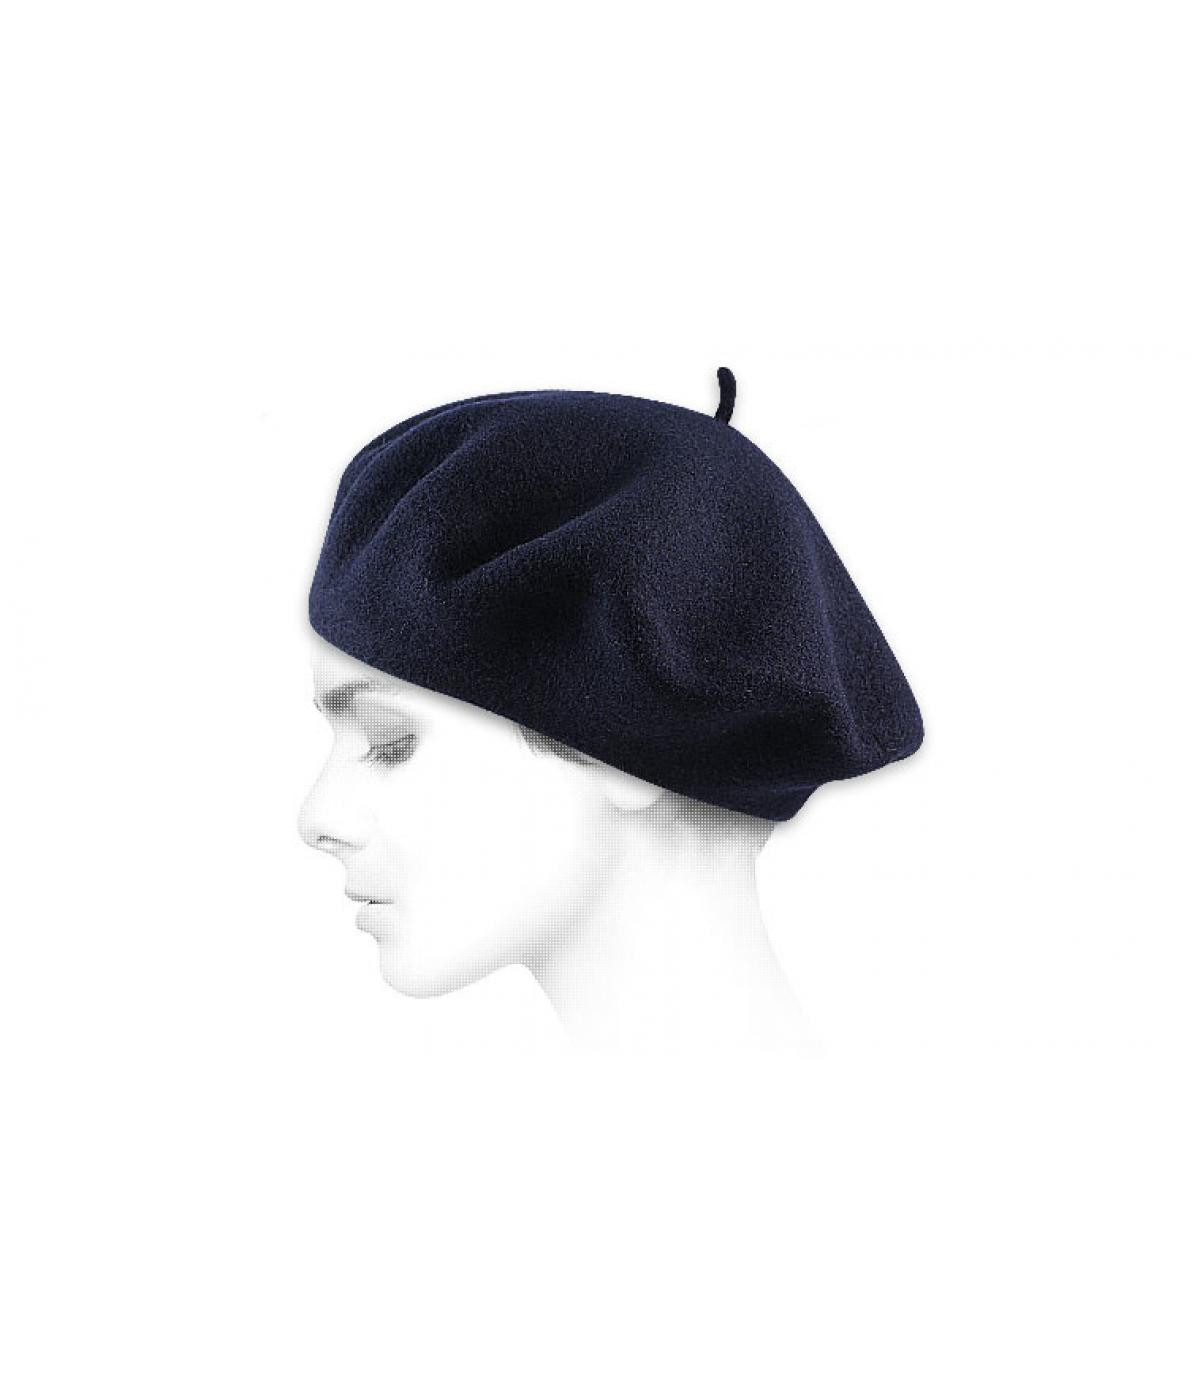 Béret femme bleu marine